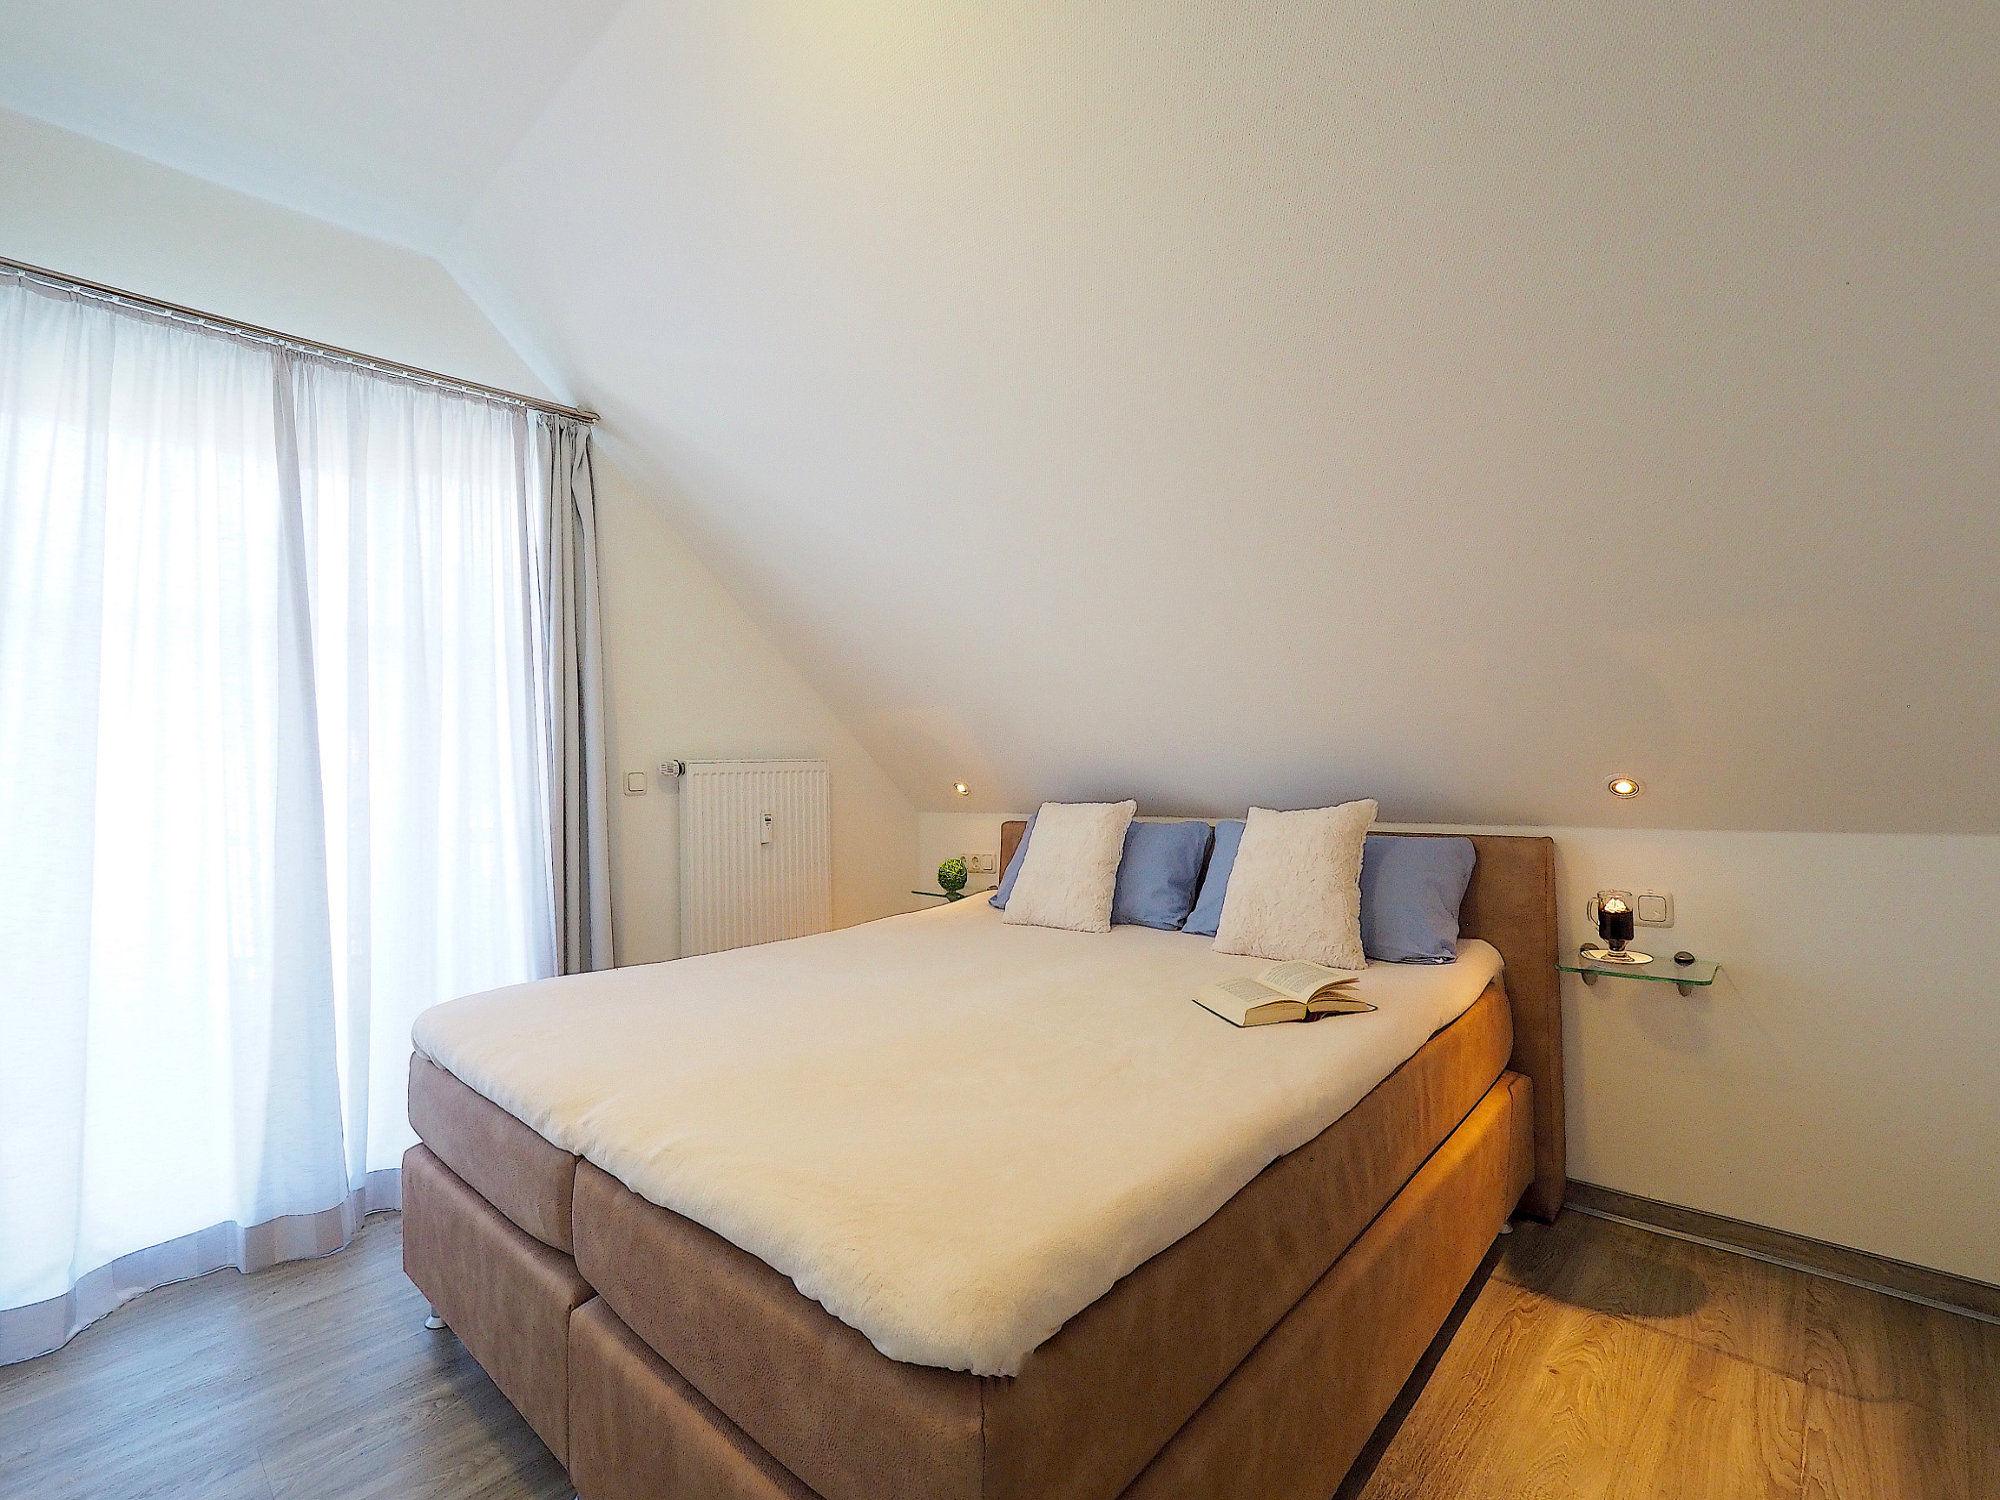 Schlafzimmer mit Doppelbett, links davon bodentiefes Fenster